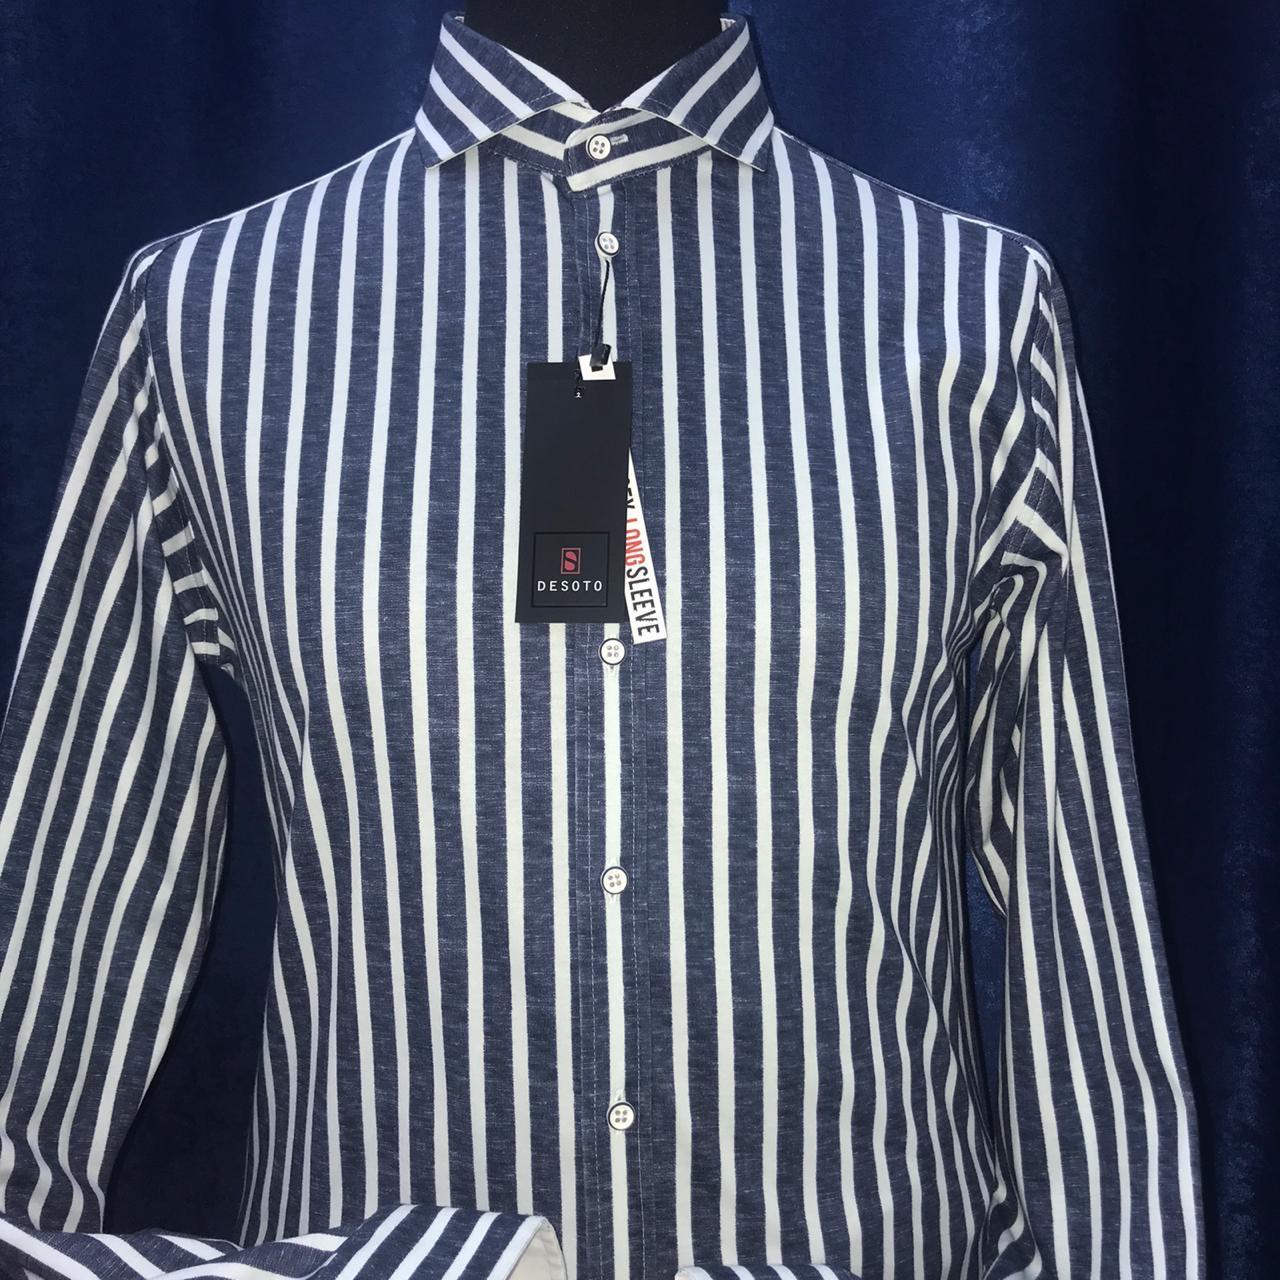 Сорочка мужская DESOTO